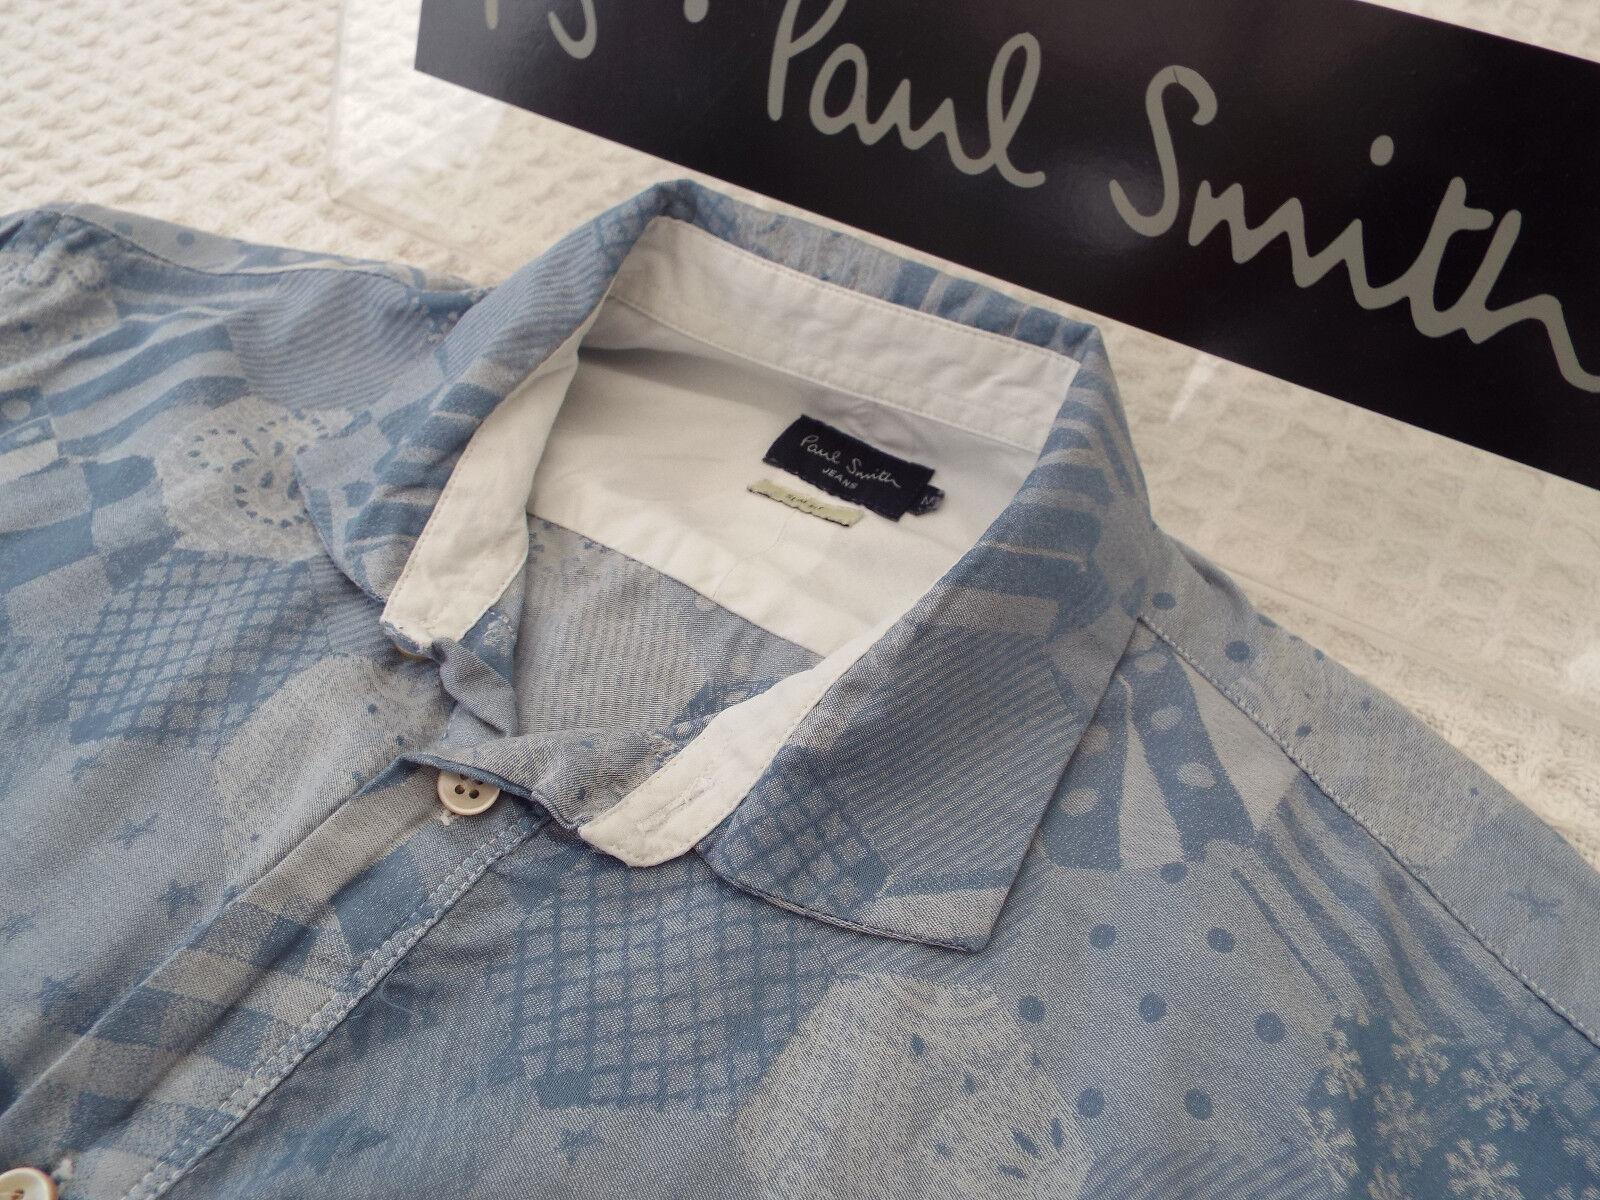 Paul Smith Da Uomo Camicia  Taglia M (circonferenza petto 38 )  RRP +  astratto fiocco di neve